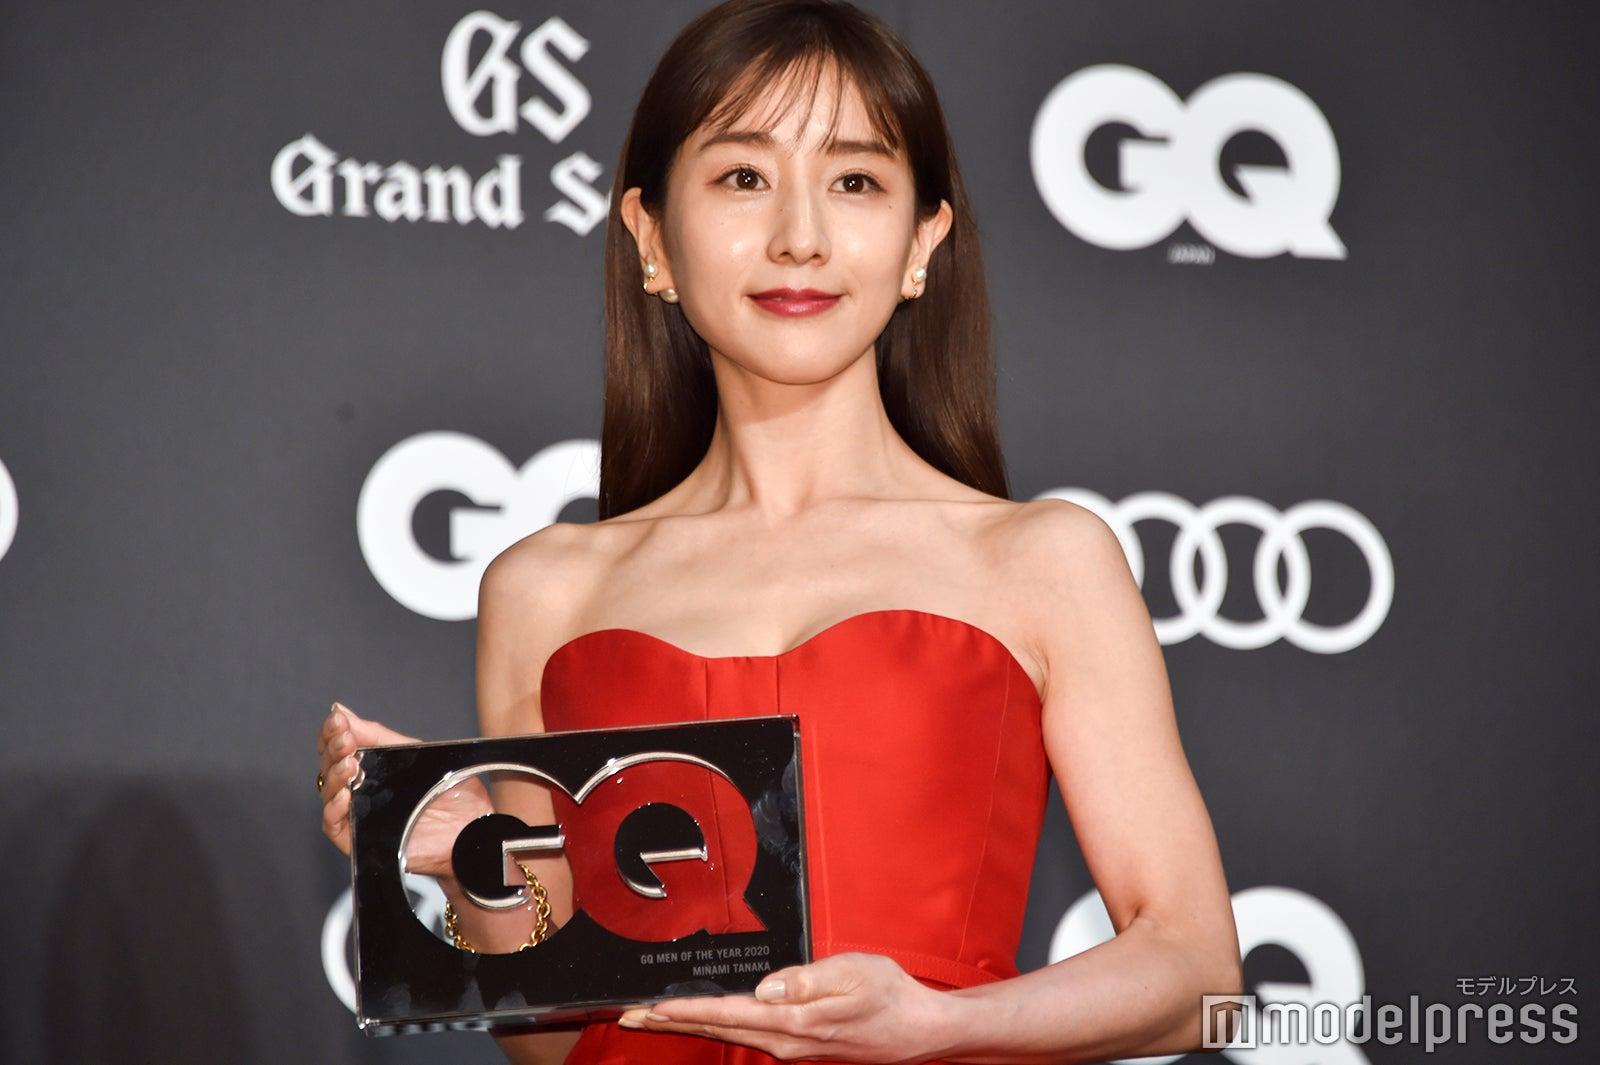 田中みな実、女優としての願望告白「エキセントリックな役柄が多いので…」<GQ MEN OF THE YEAR 2020>